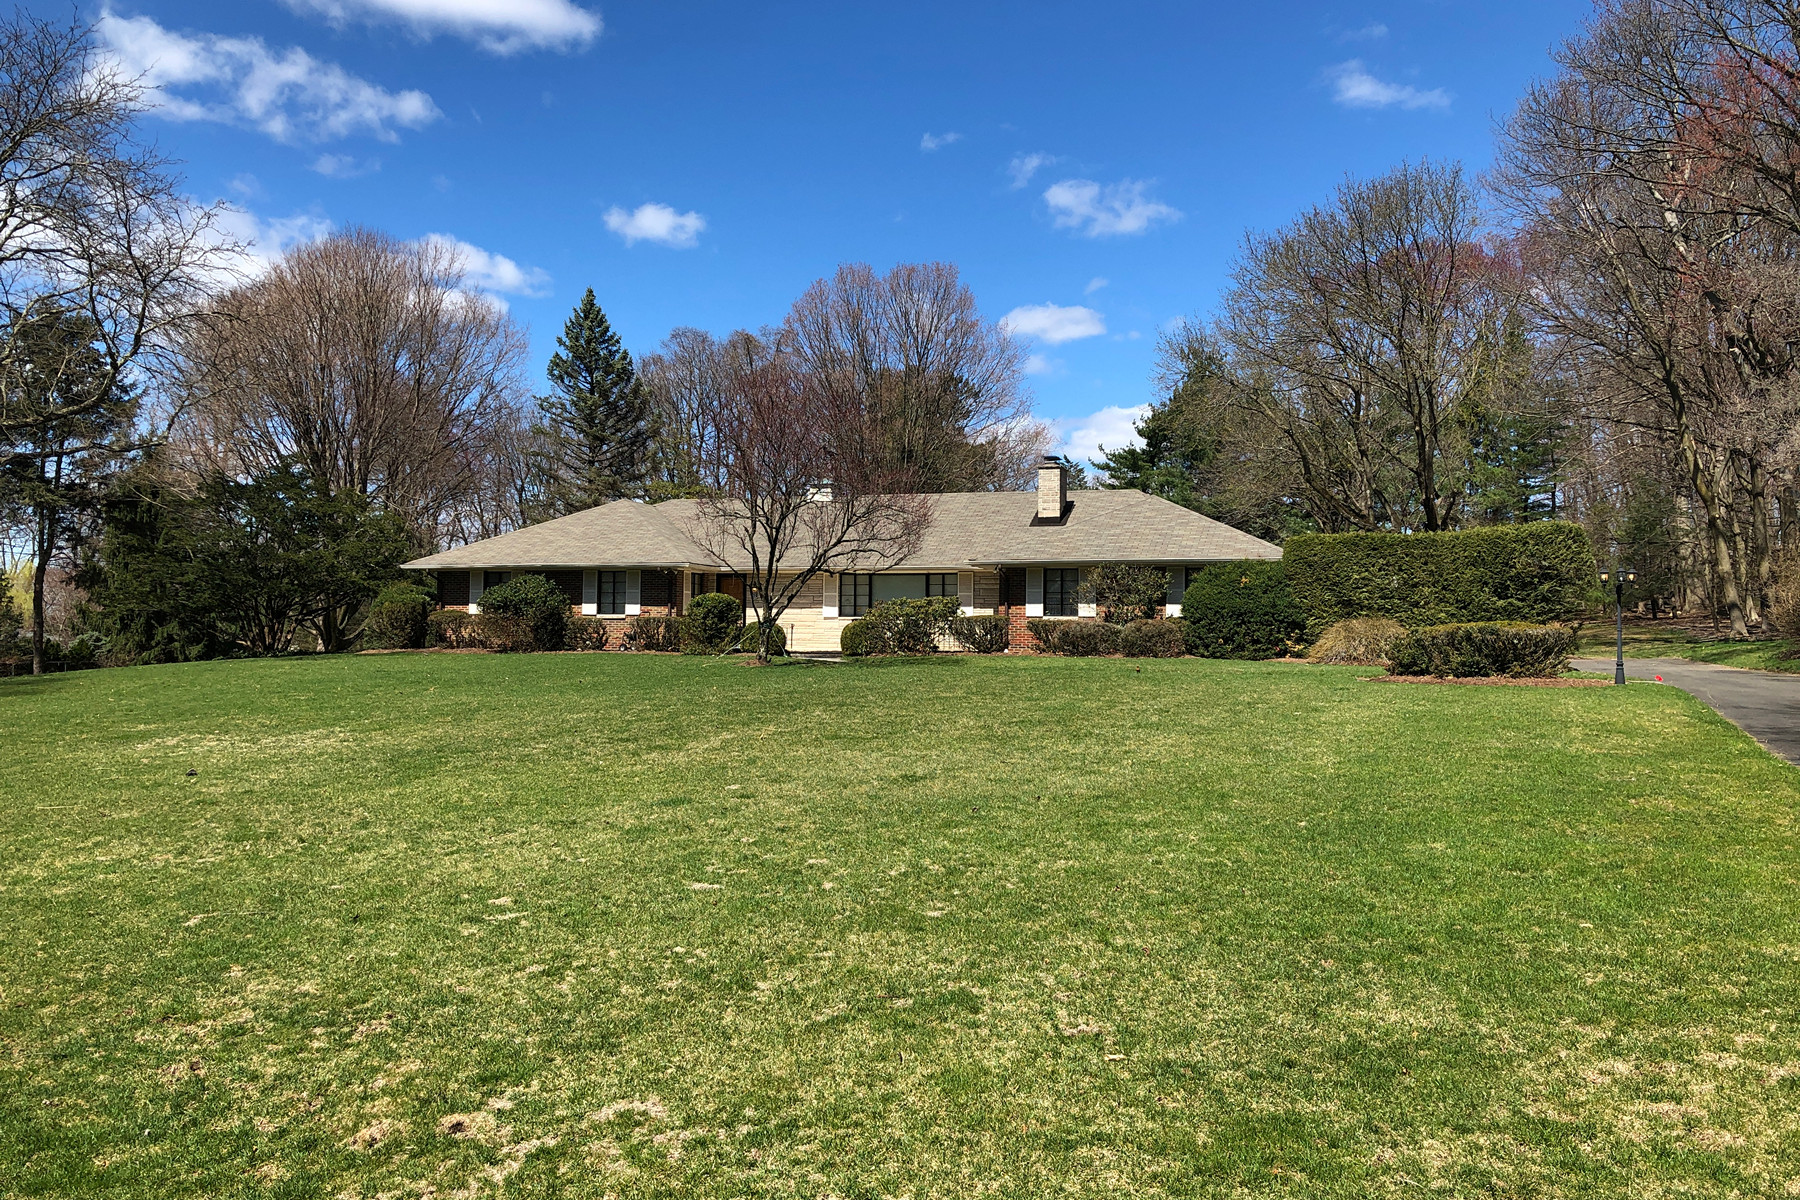 Земля для того Продажа на Magnificent Property 59 Hickory Lane, Closter, Нью-Джерси 07624 Соединенные Штаты